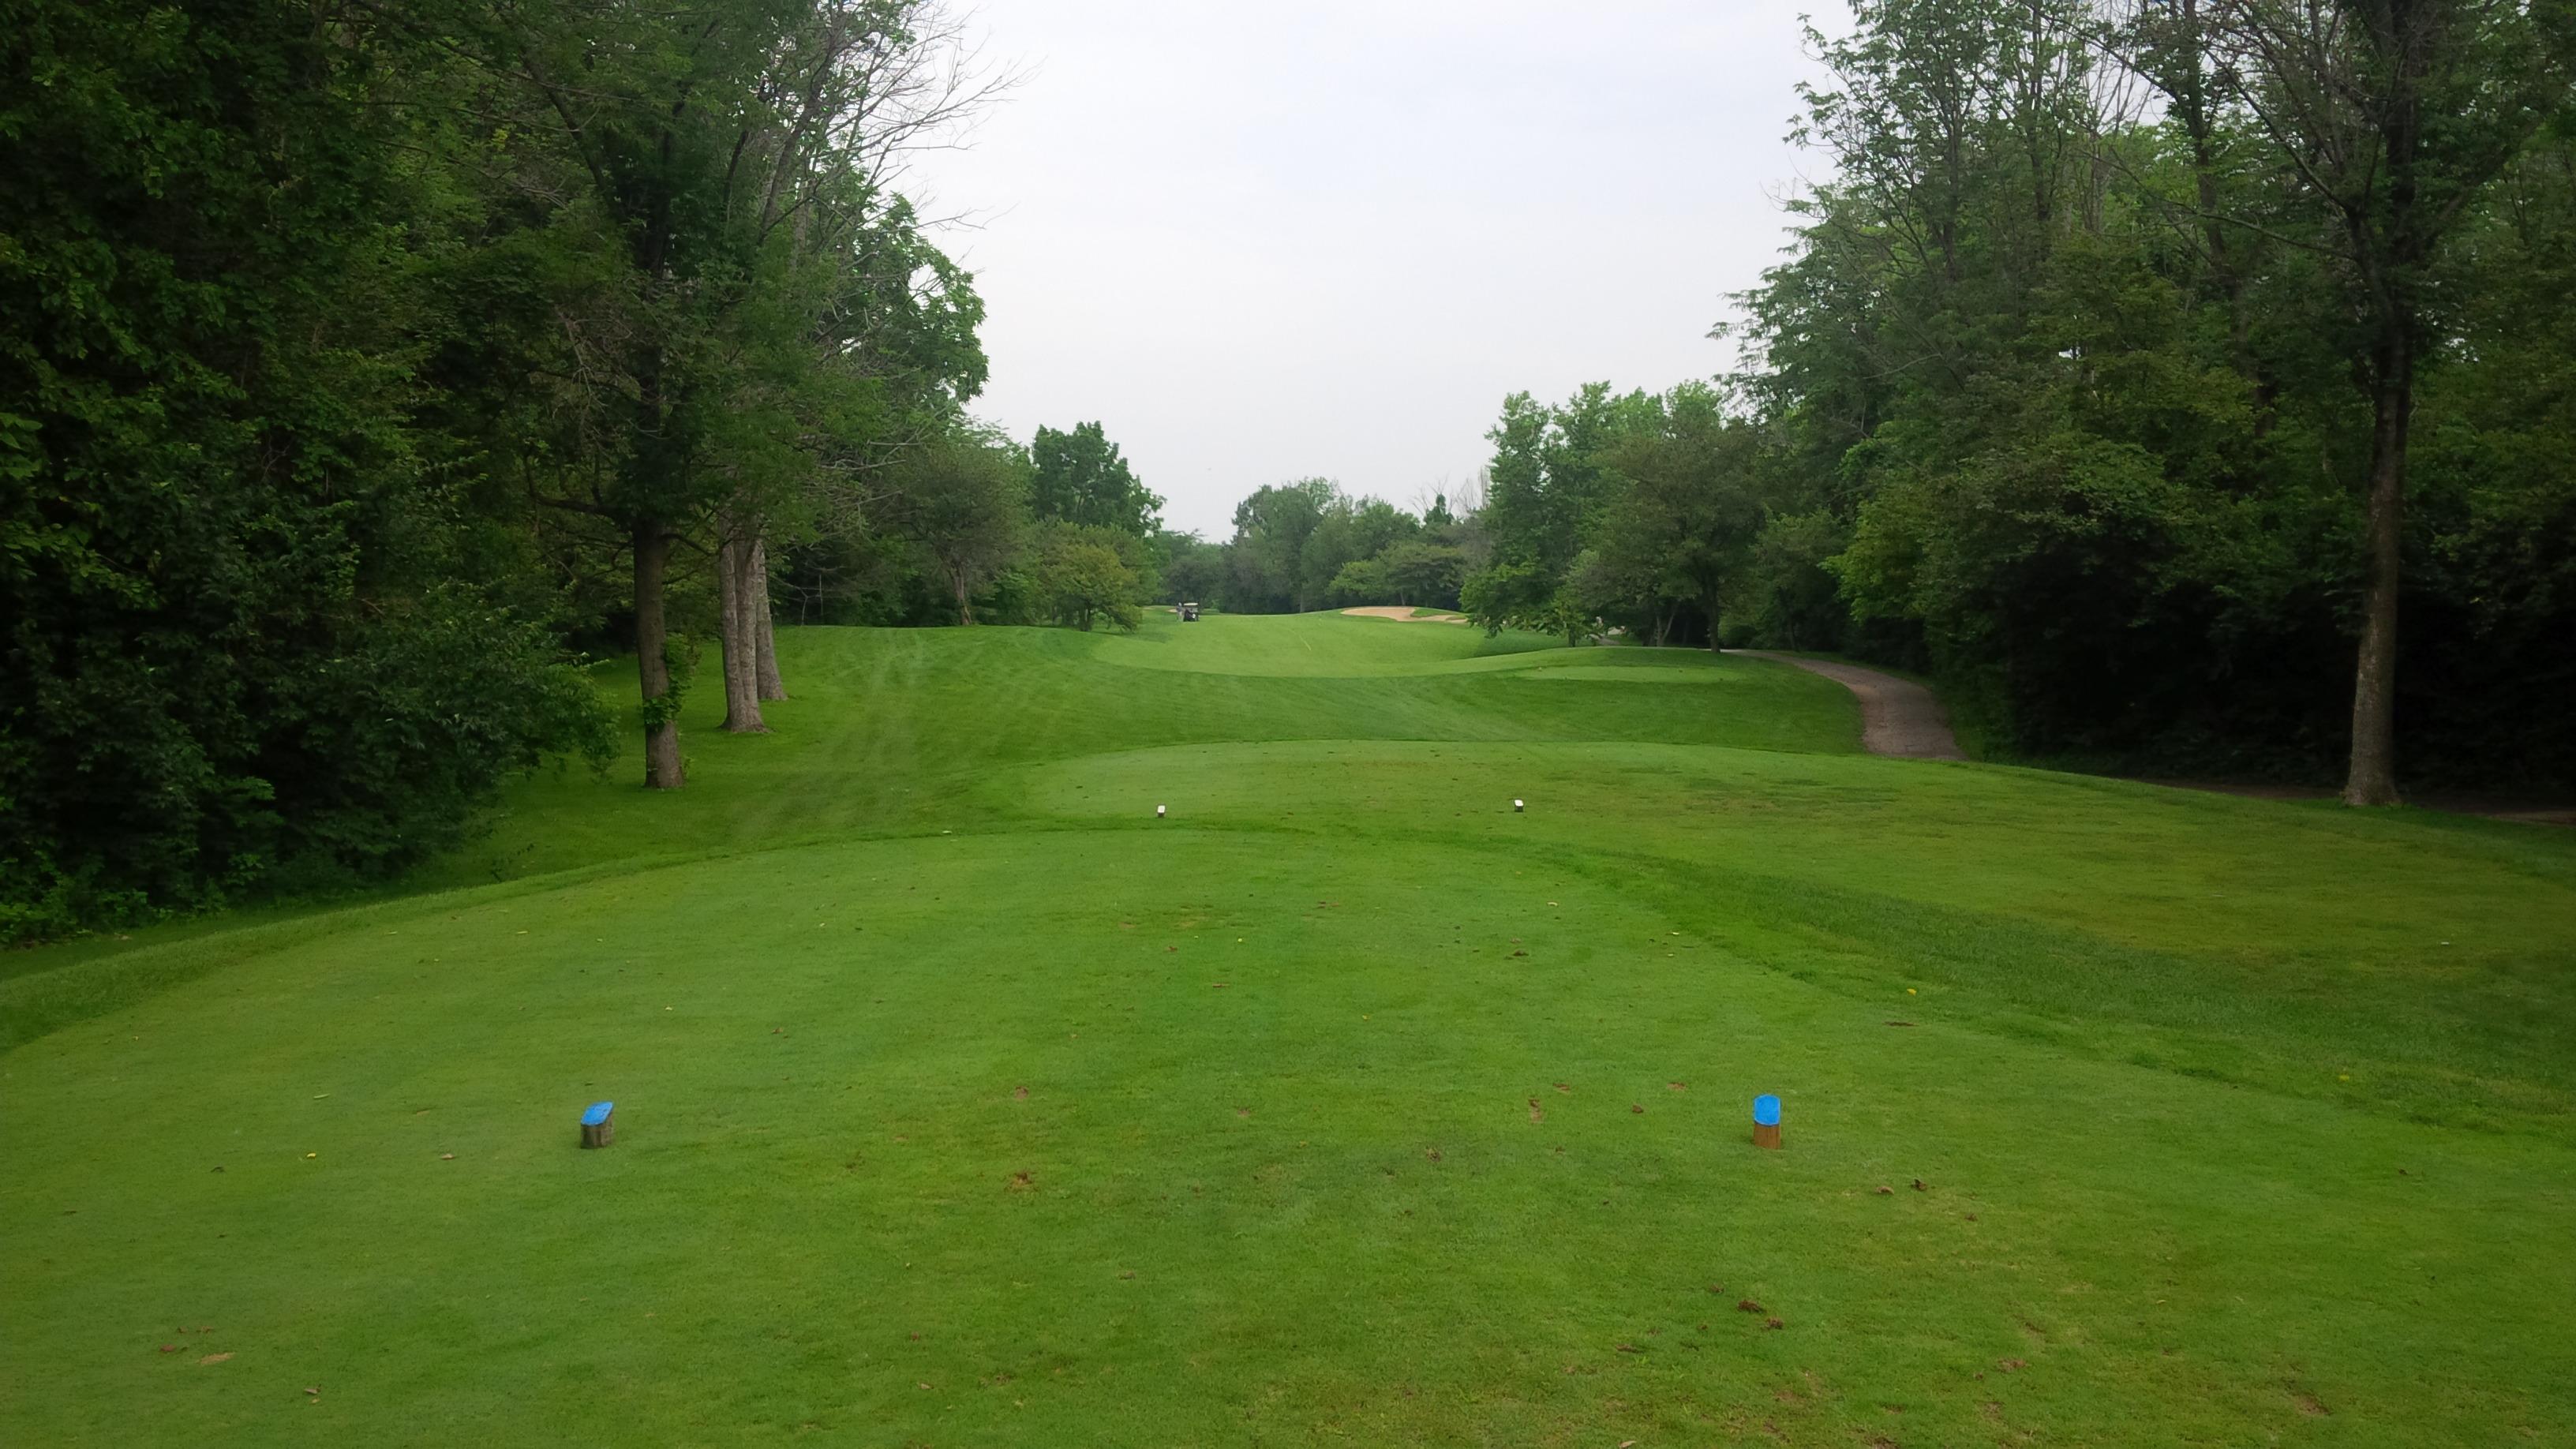 Players Club At Foxfire Golf Club Lockbourne Oh 2 Good